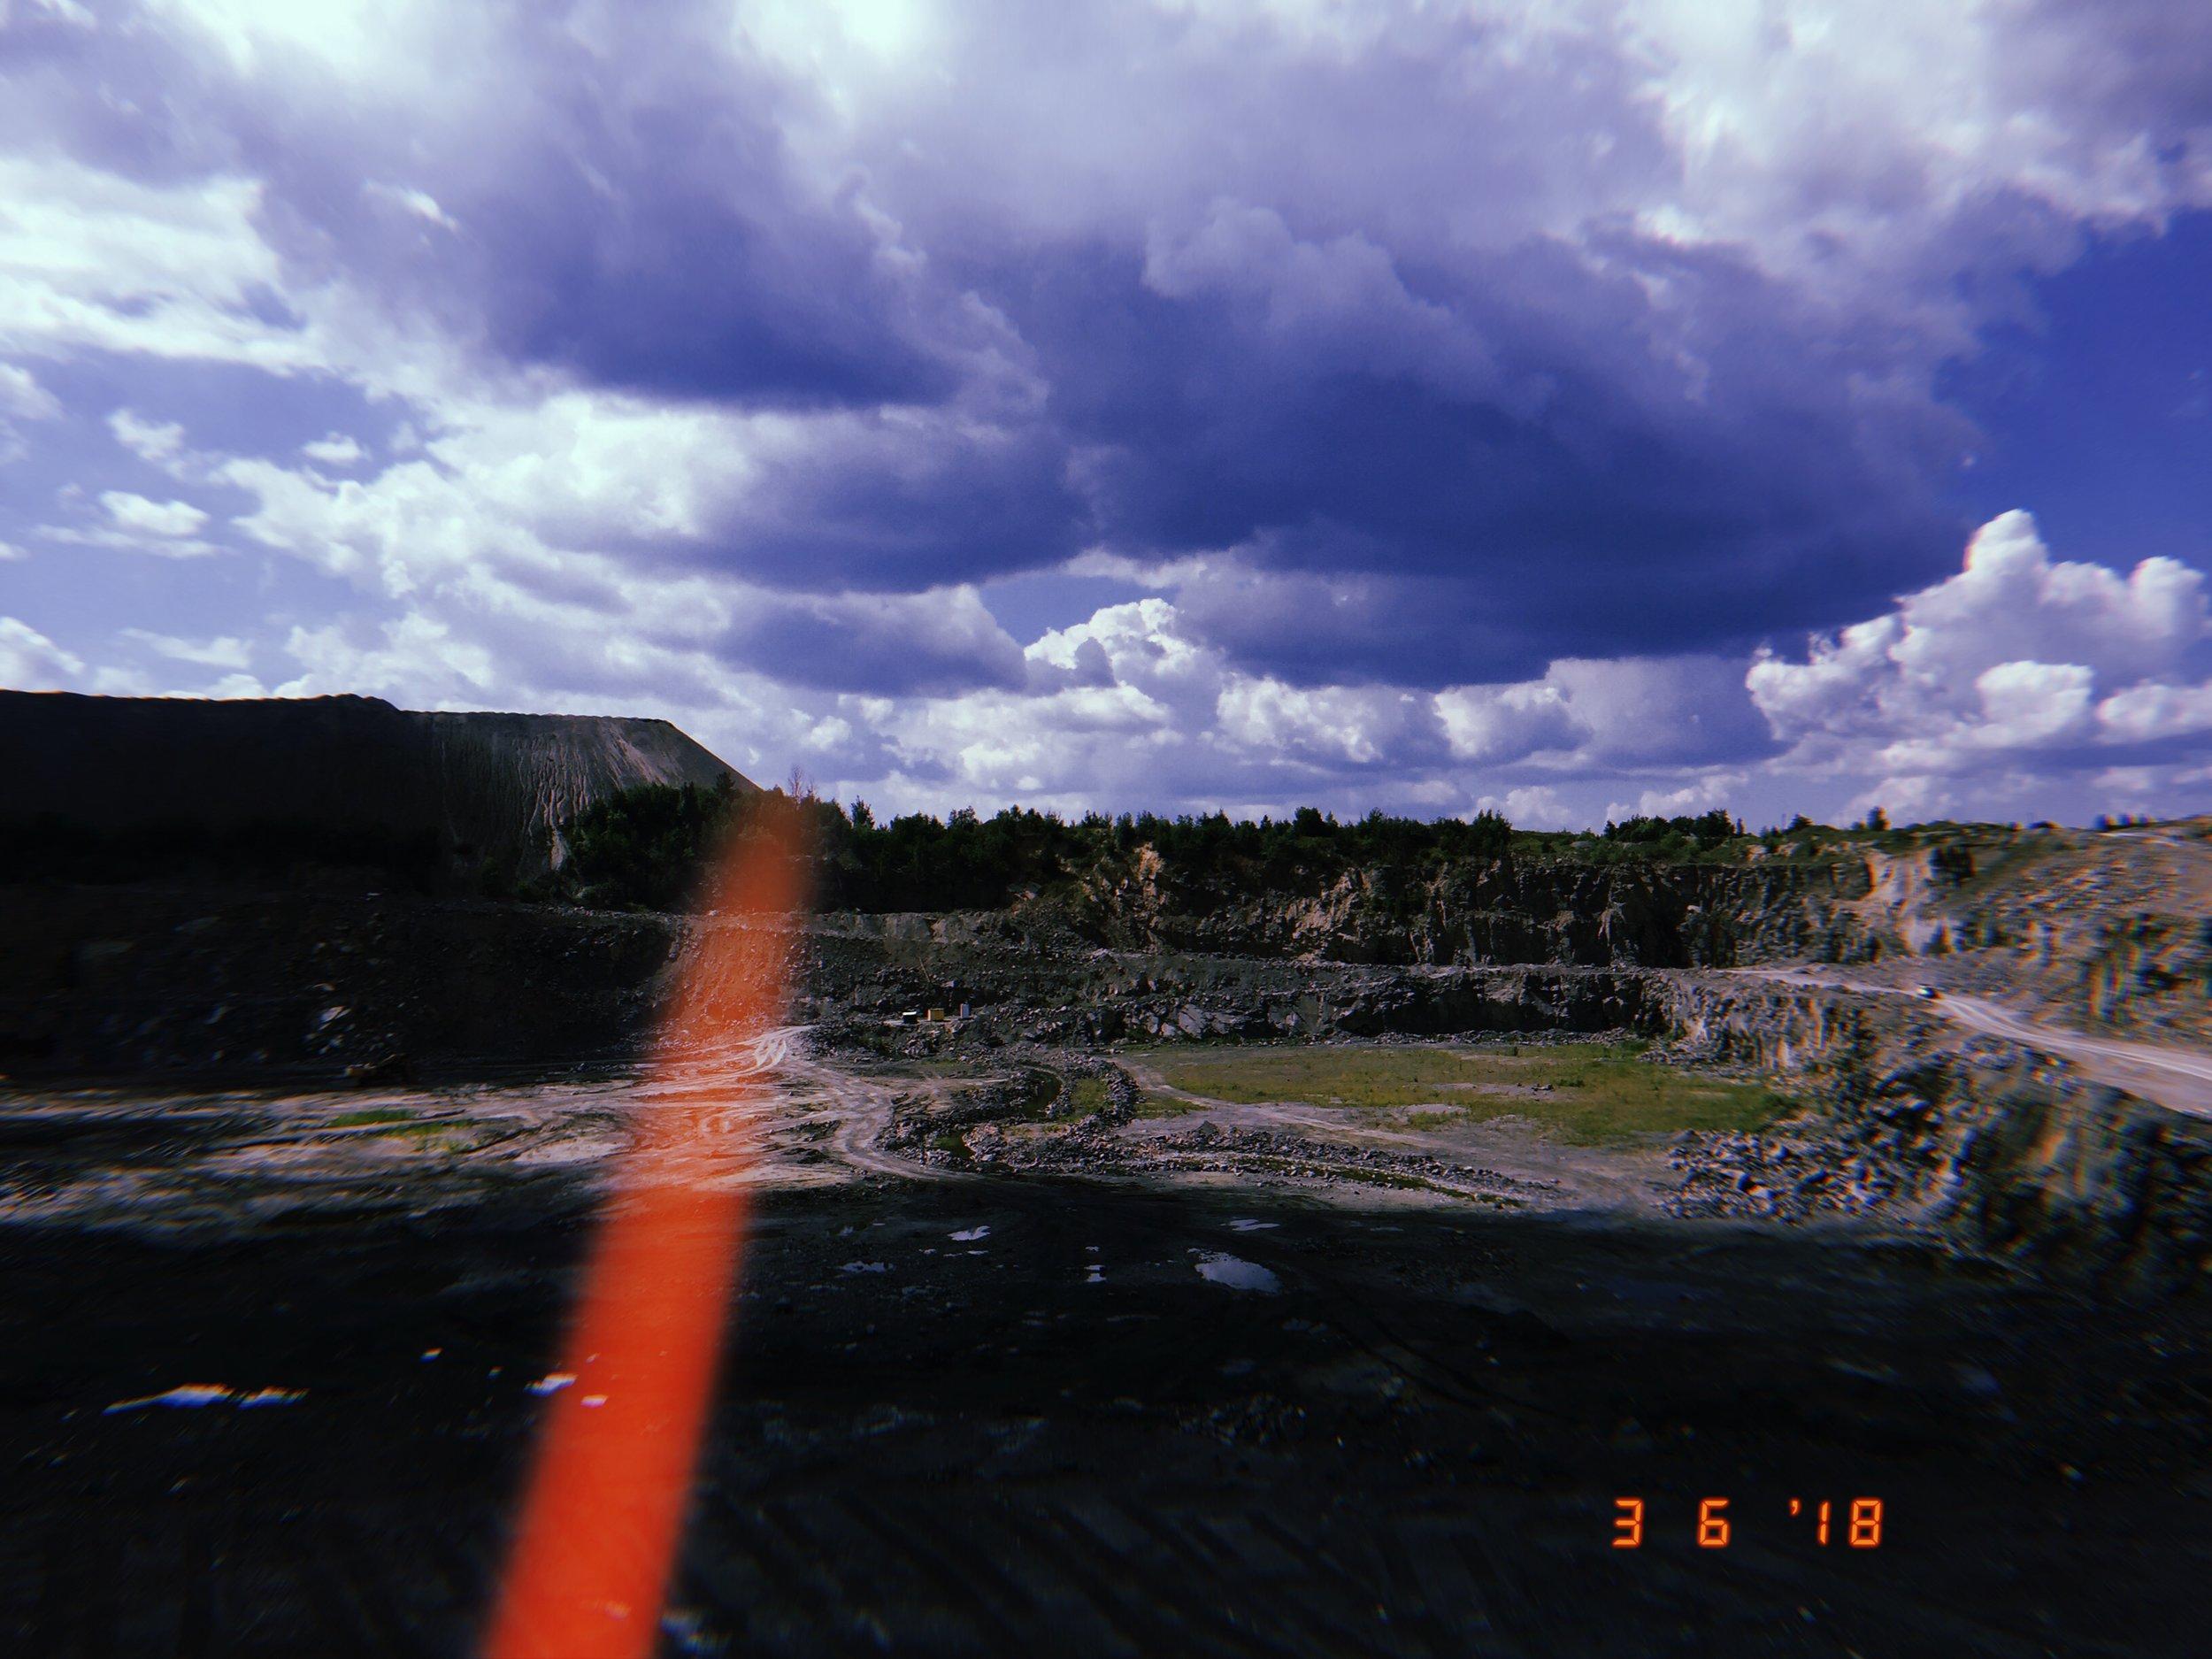 2018-06-03 14:47:59.371.JPG